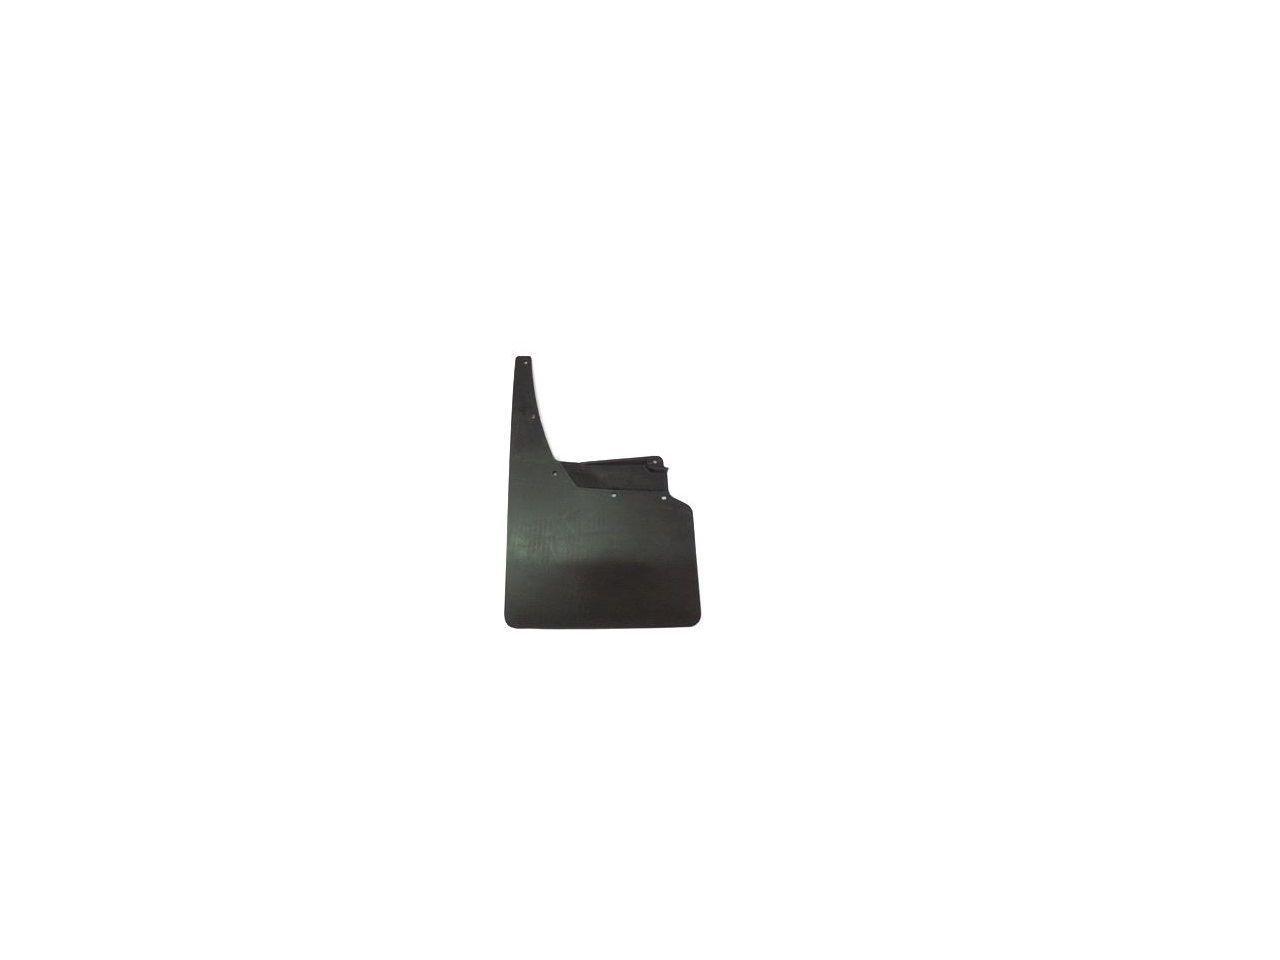 Λασπωτήρας FORD RANGER Pick-Up / 2WD / 2dr Μιάμιση Καμπίνα 2012 - 2015 2200 Diesel Duratorq TDCi #16.11.4213.06.L